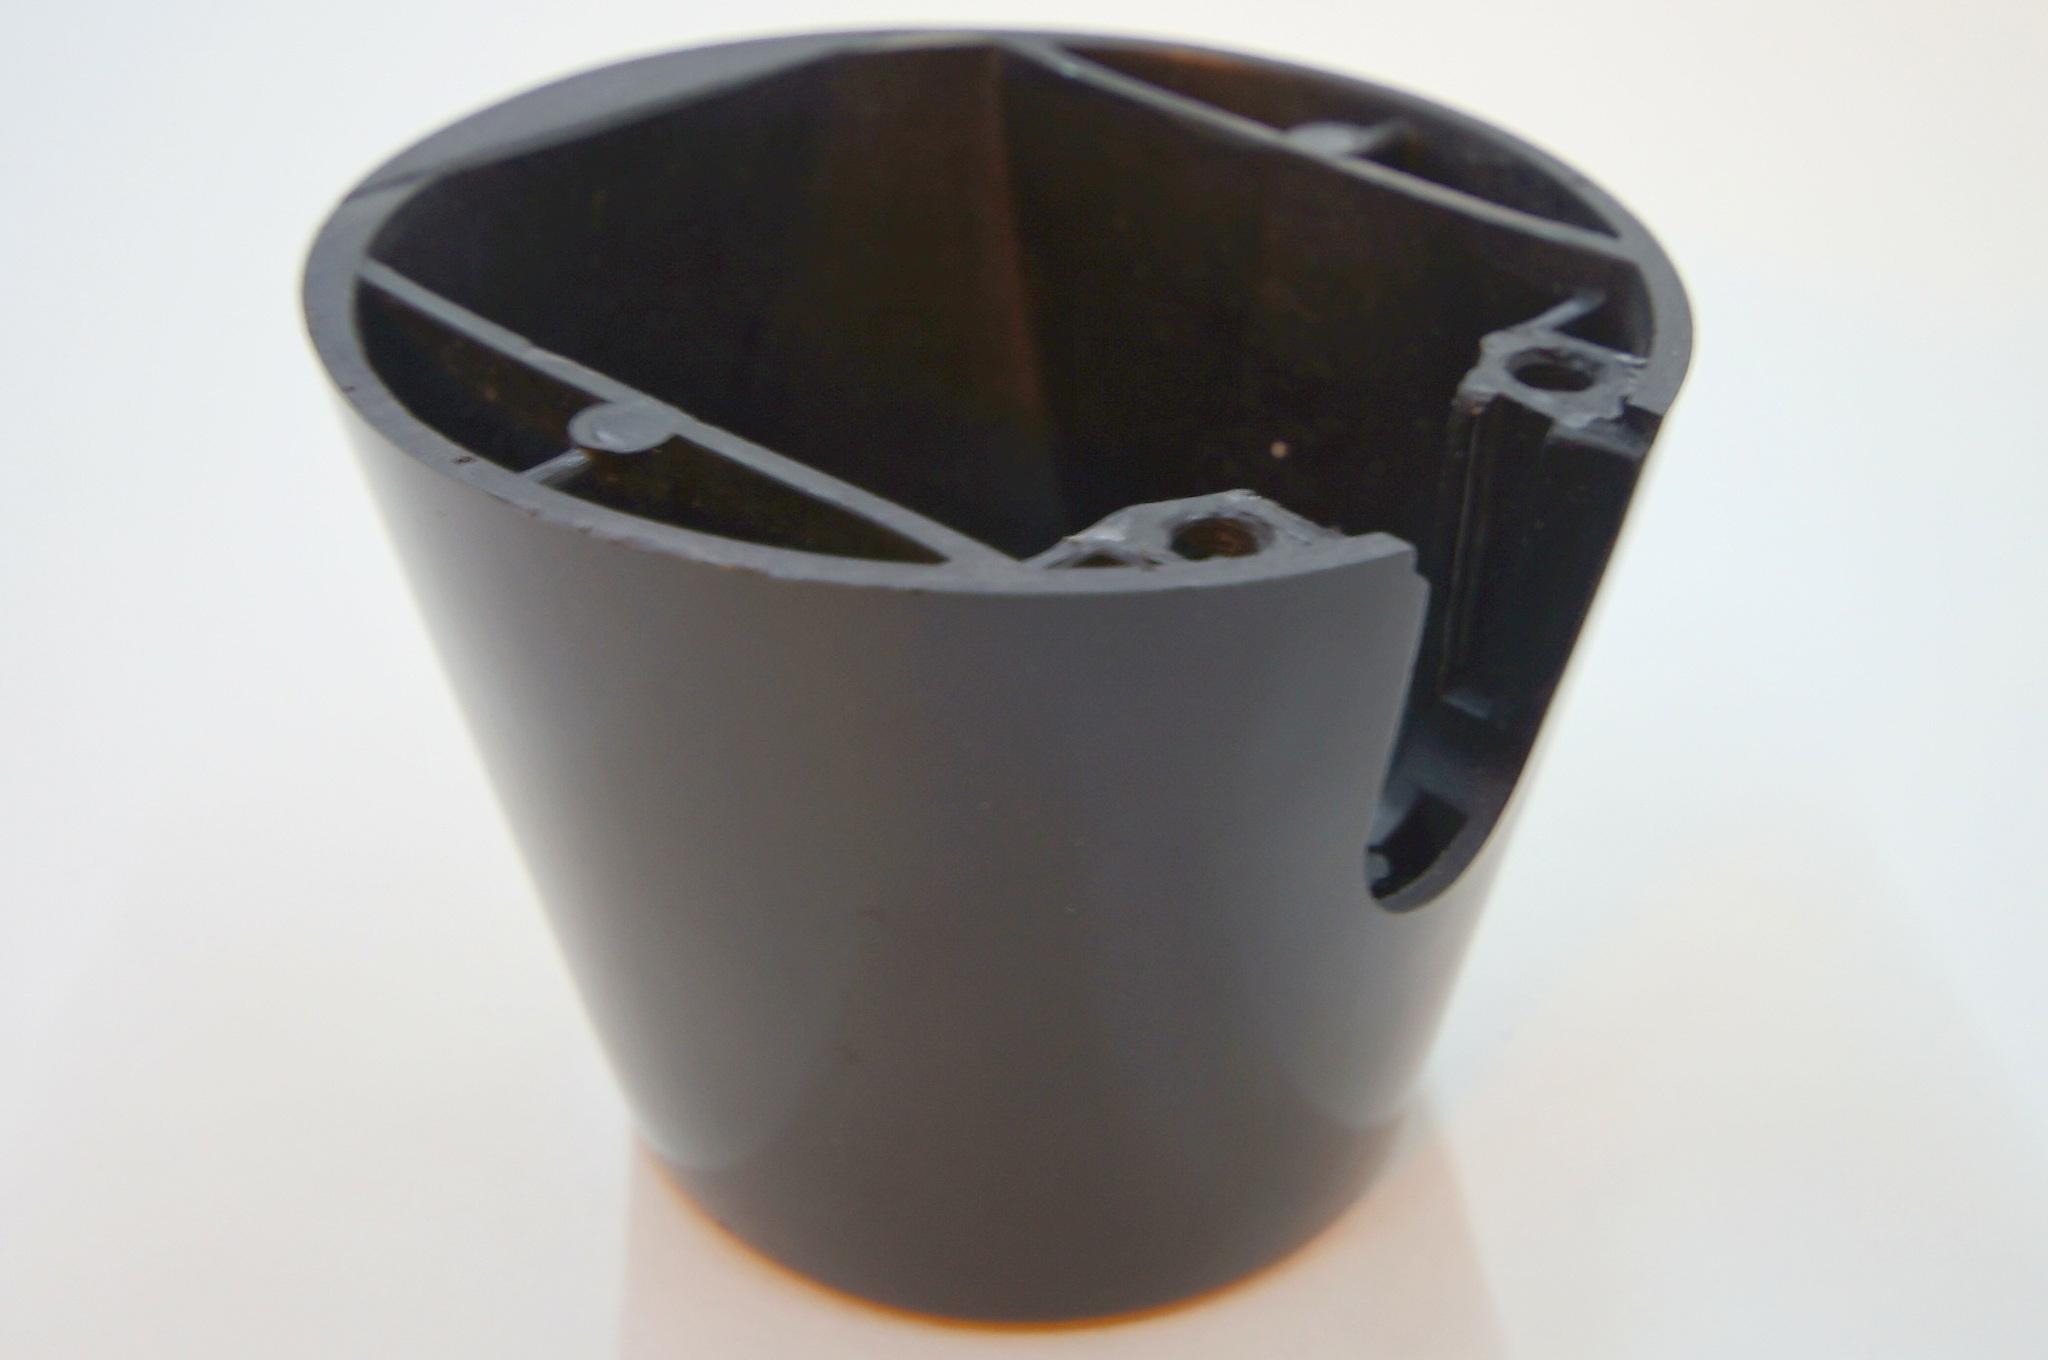 Чашка рулевой колонки Москвич 402-407 черная с вырезом